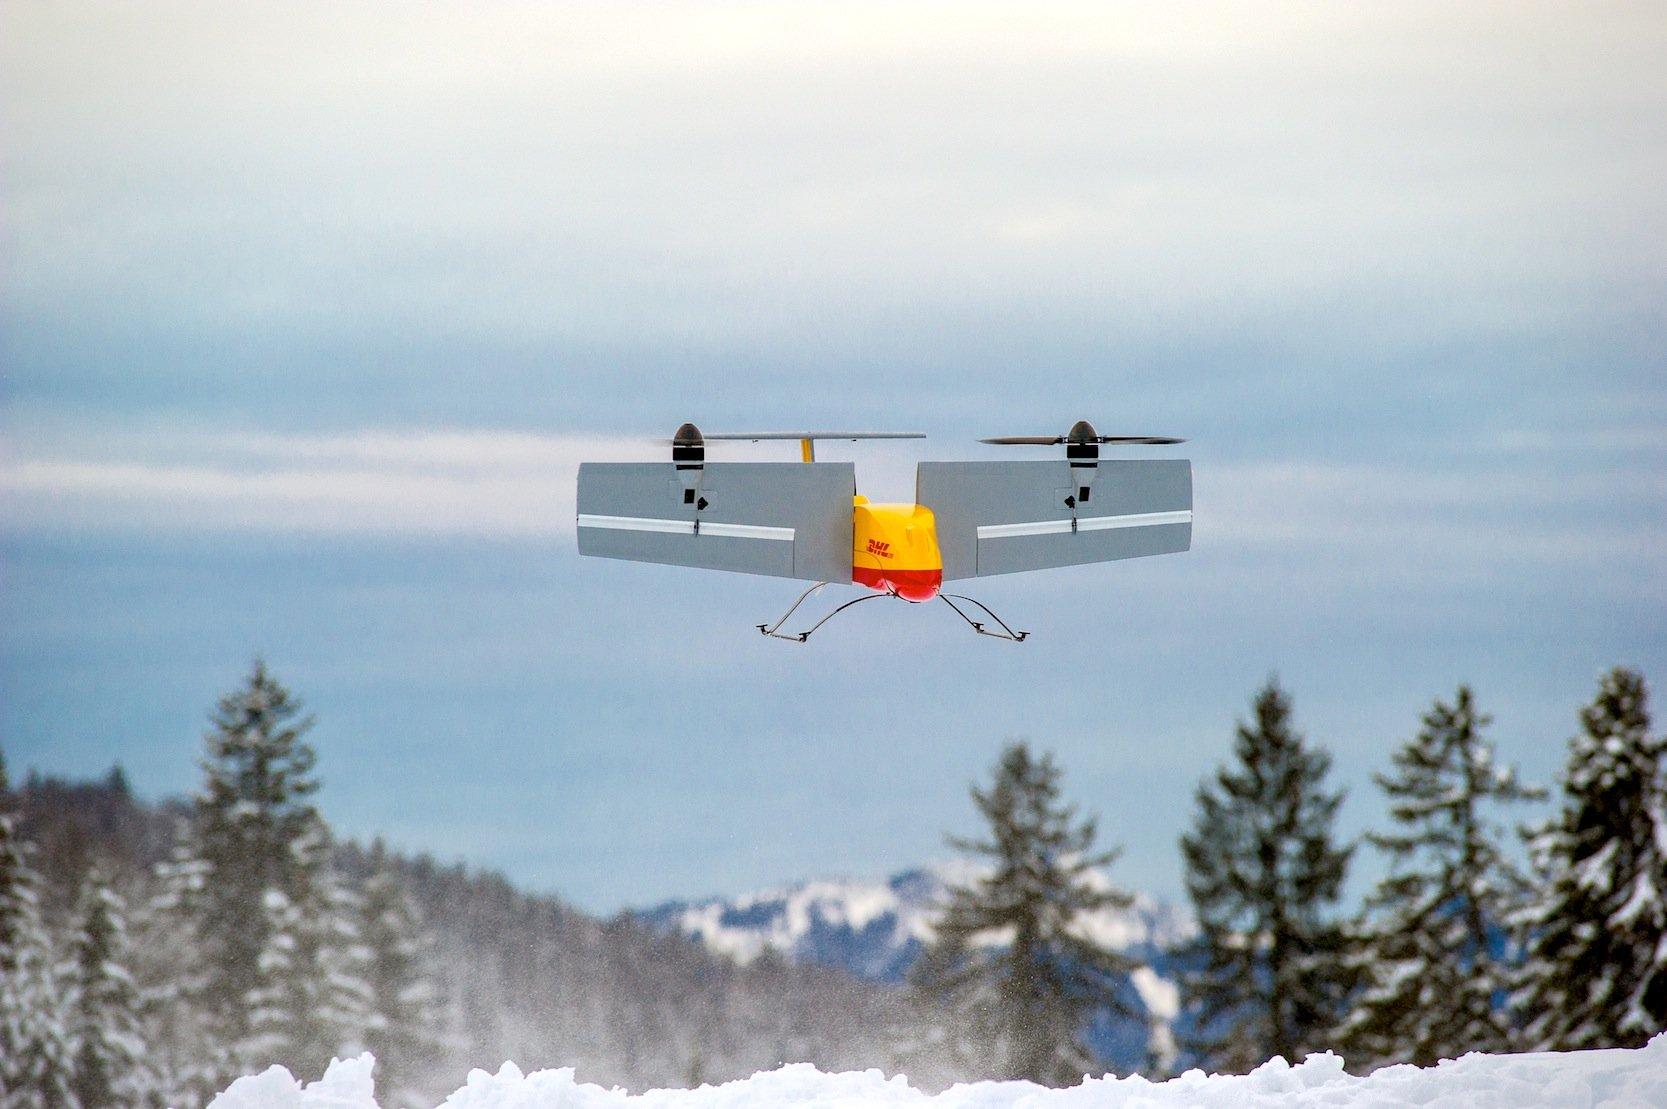 Die Deutsche Post DHL will in der Zukunft dünn besiedelte oder schwer zugängliche Gebiete mit Drohnen beliefern.